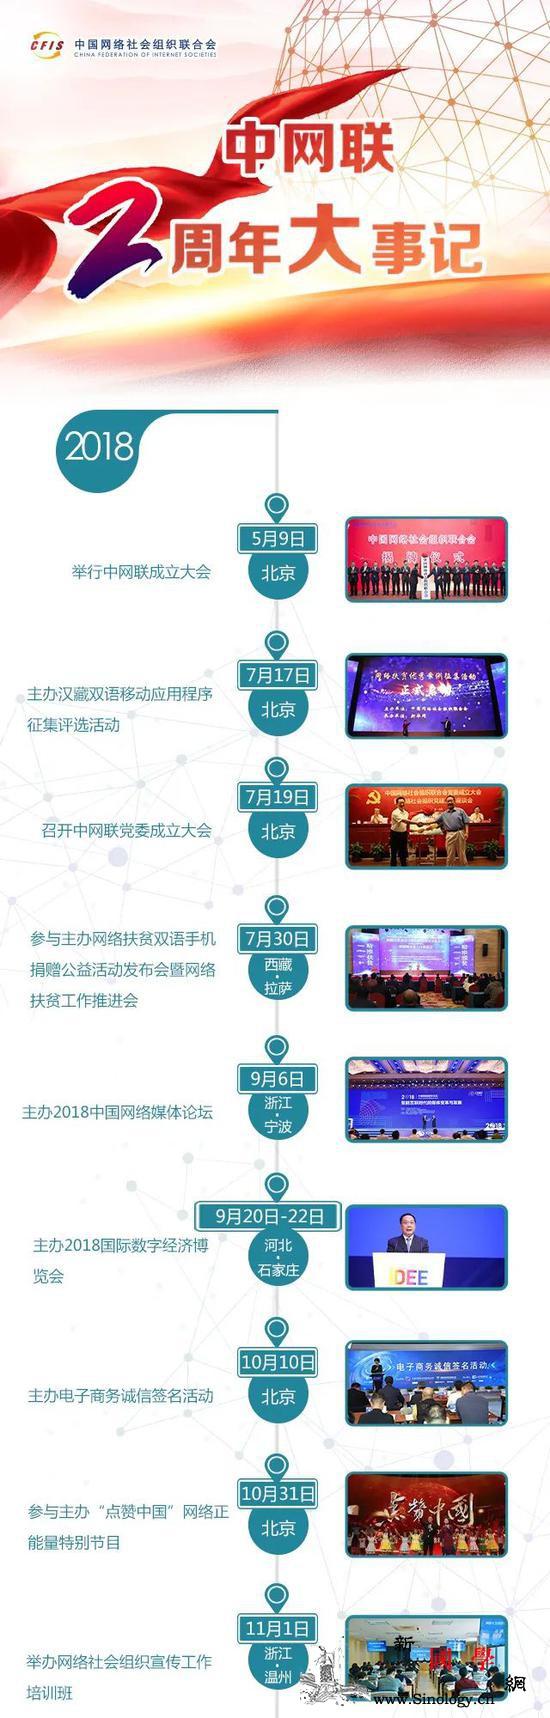 中网联两周年大事记一起来看看吧!_画中画-只需-脚本-